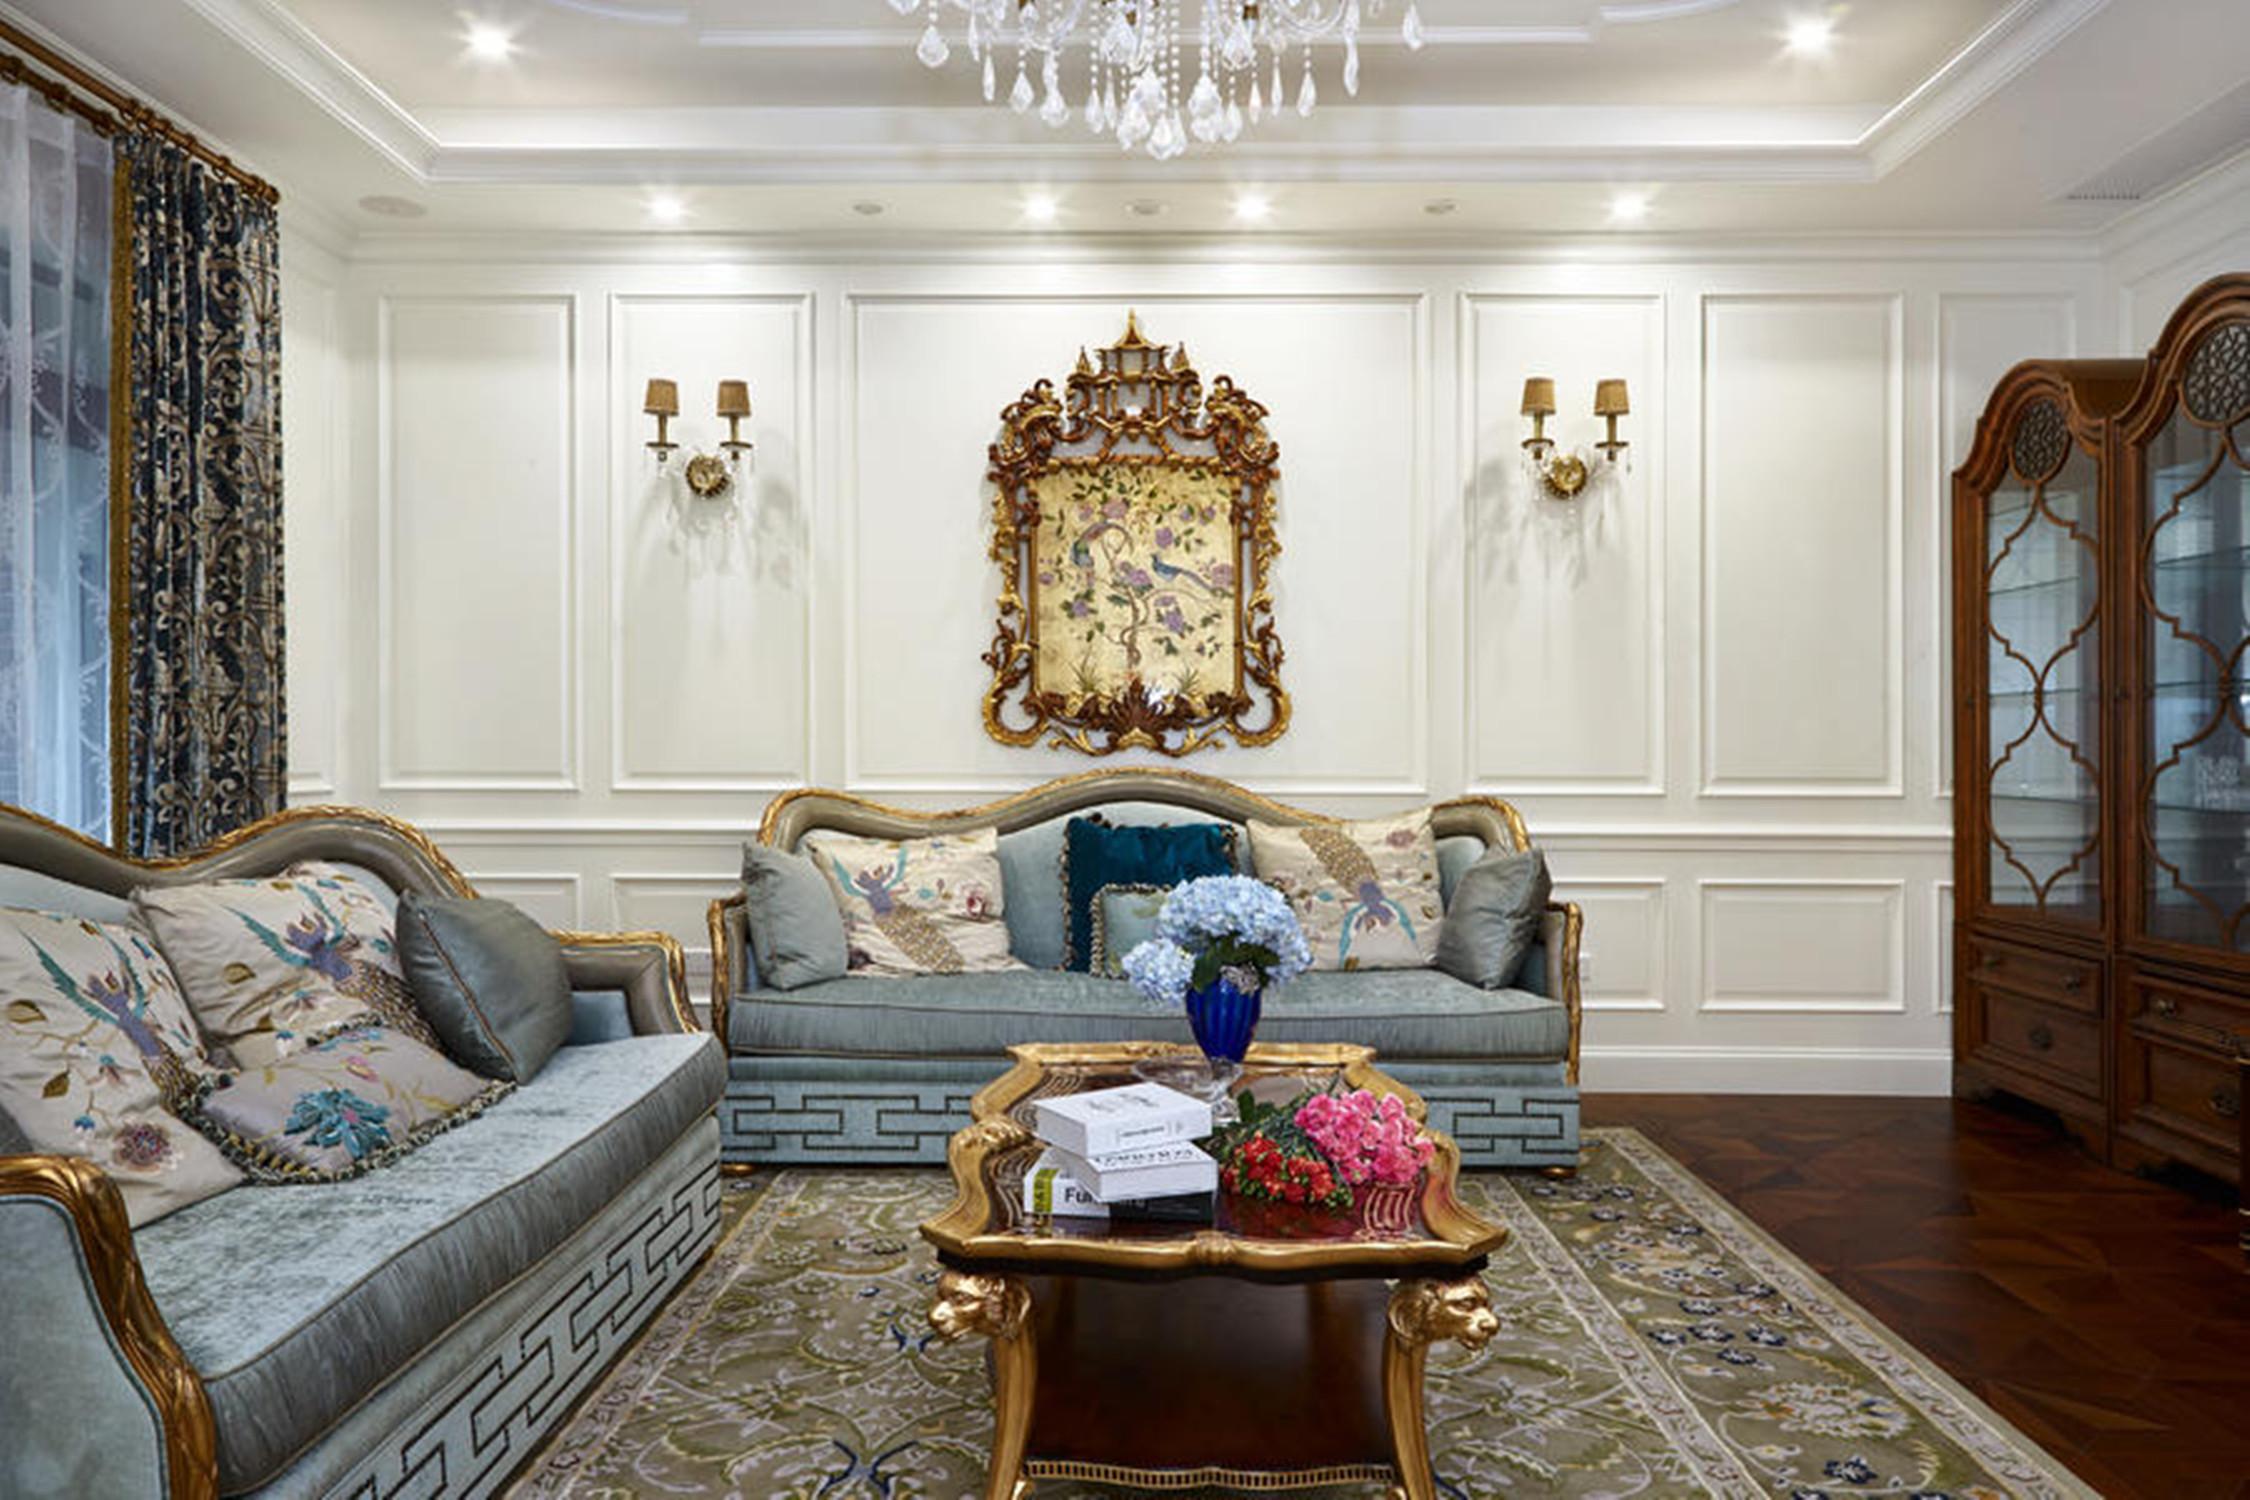 法式别墅装修沙发背景墙图片